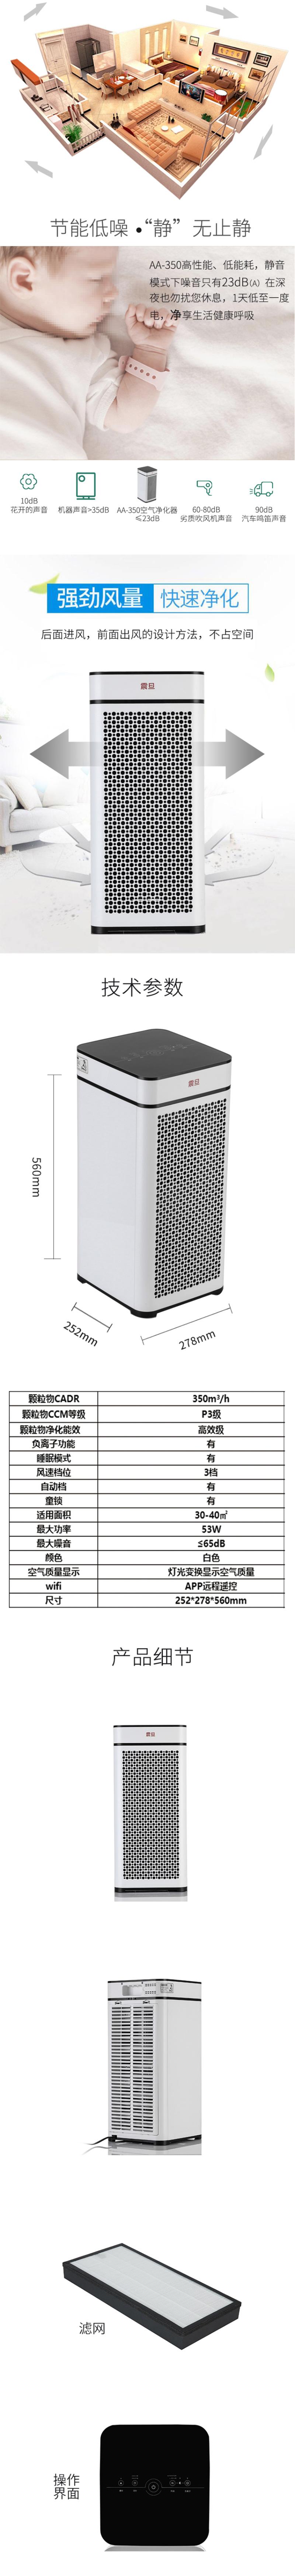 震旦AA-350 空气净化器